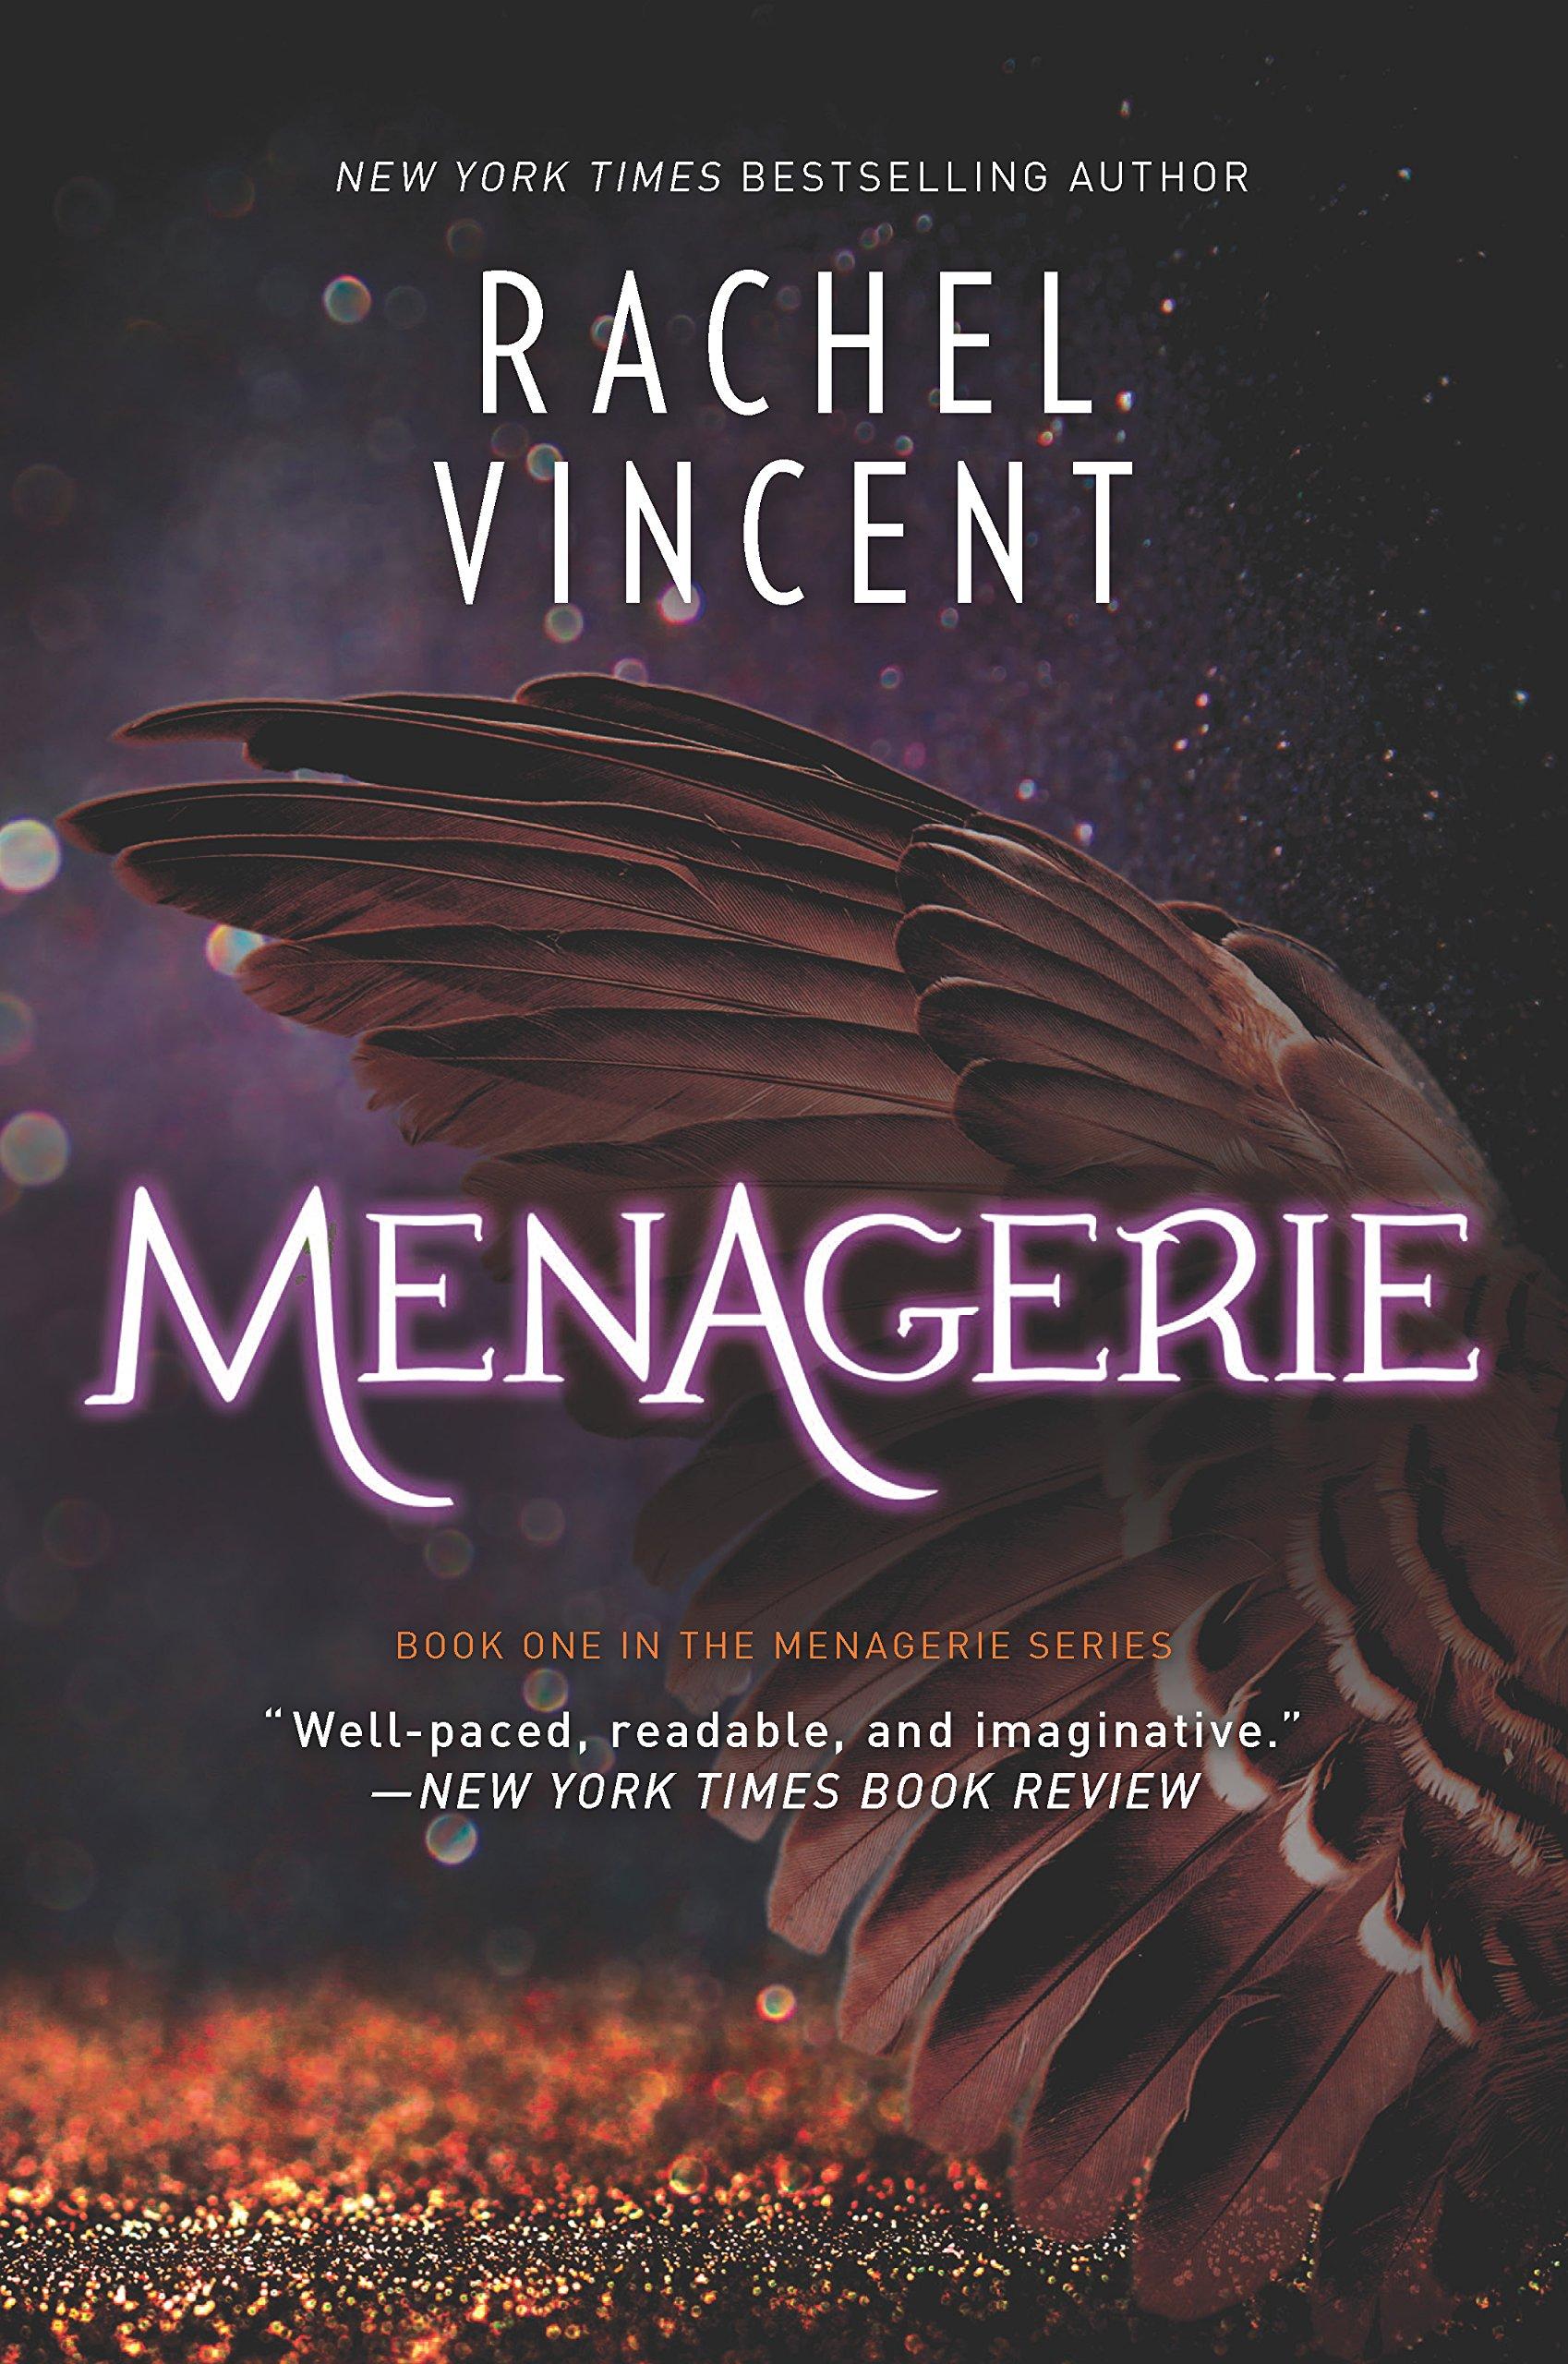 Menagerie The Menagerie Series Rachel Vincent 9780778319320